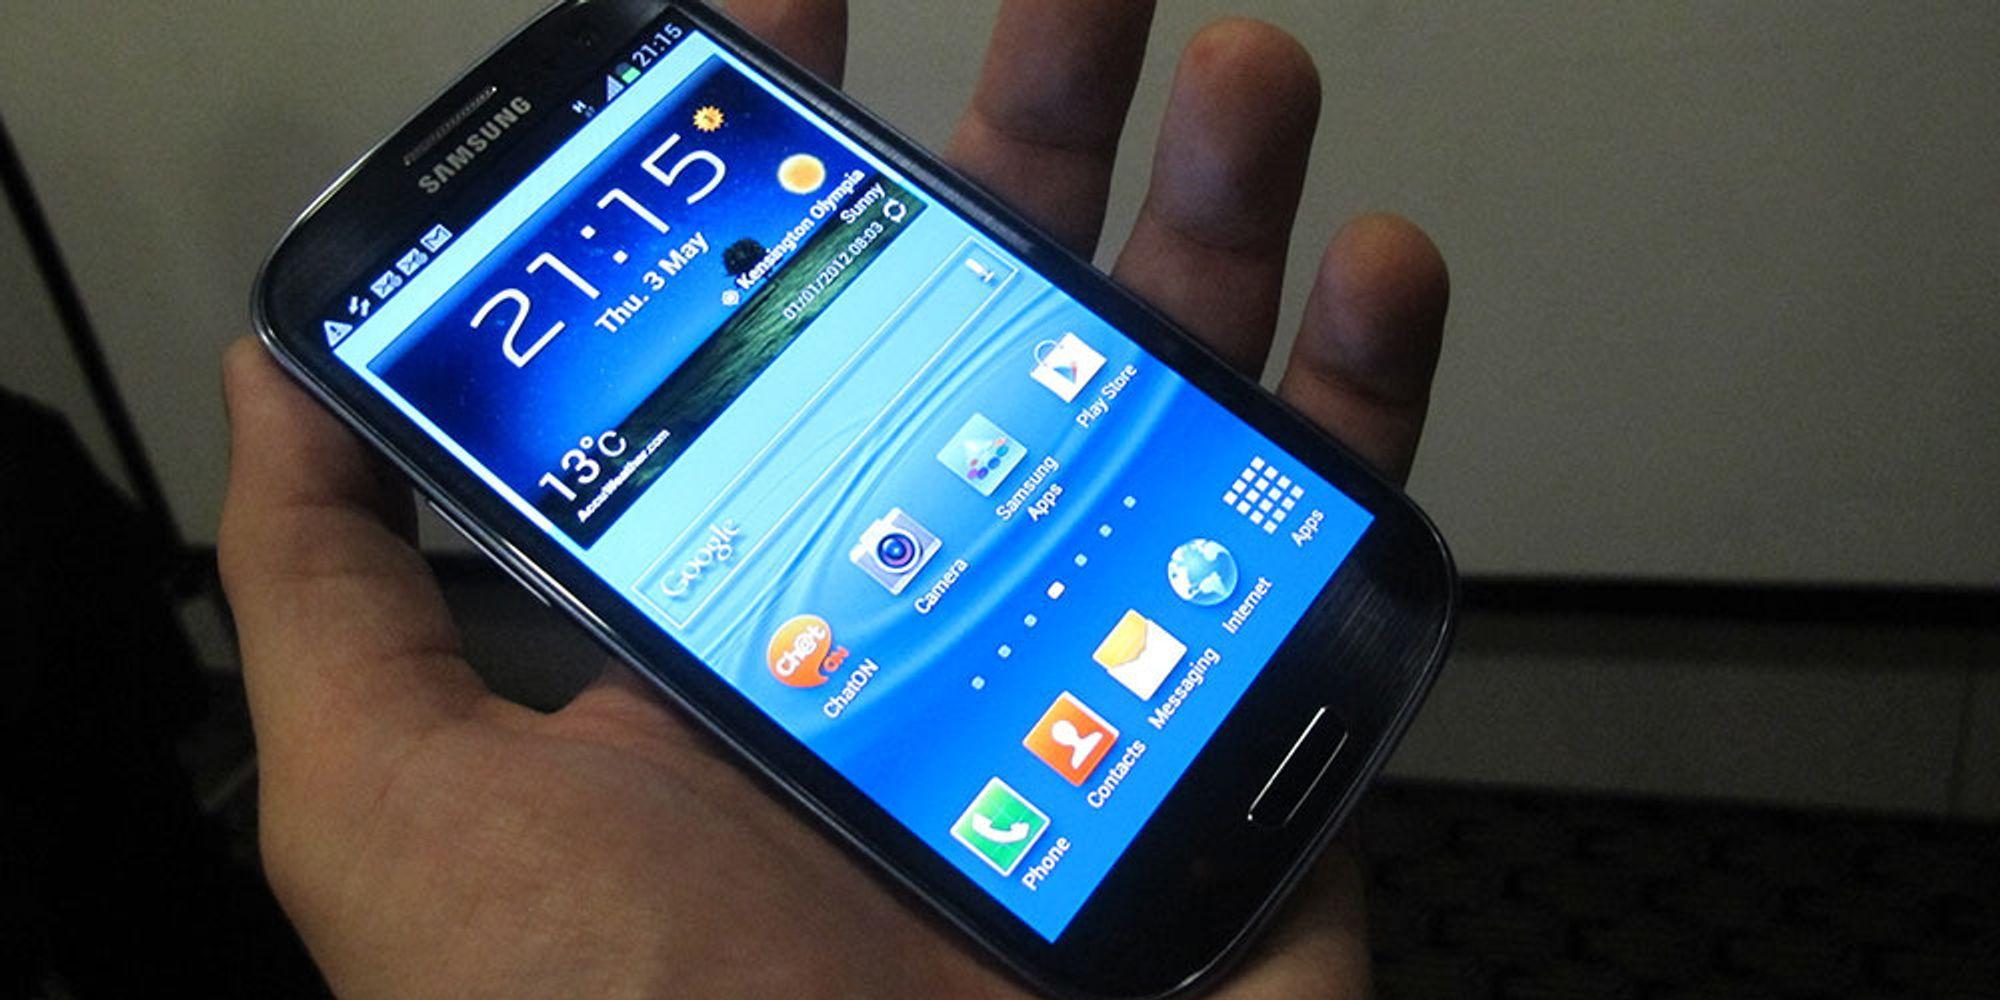 Galaxy S IV i april?